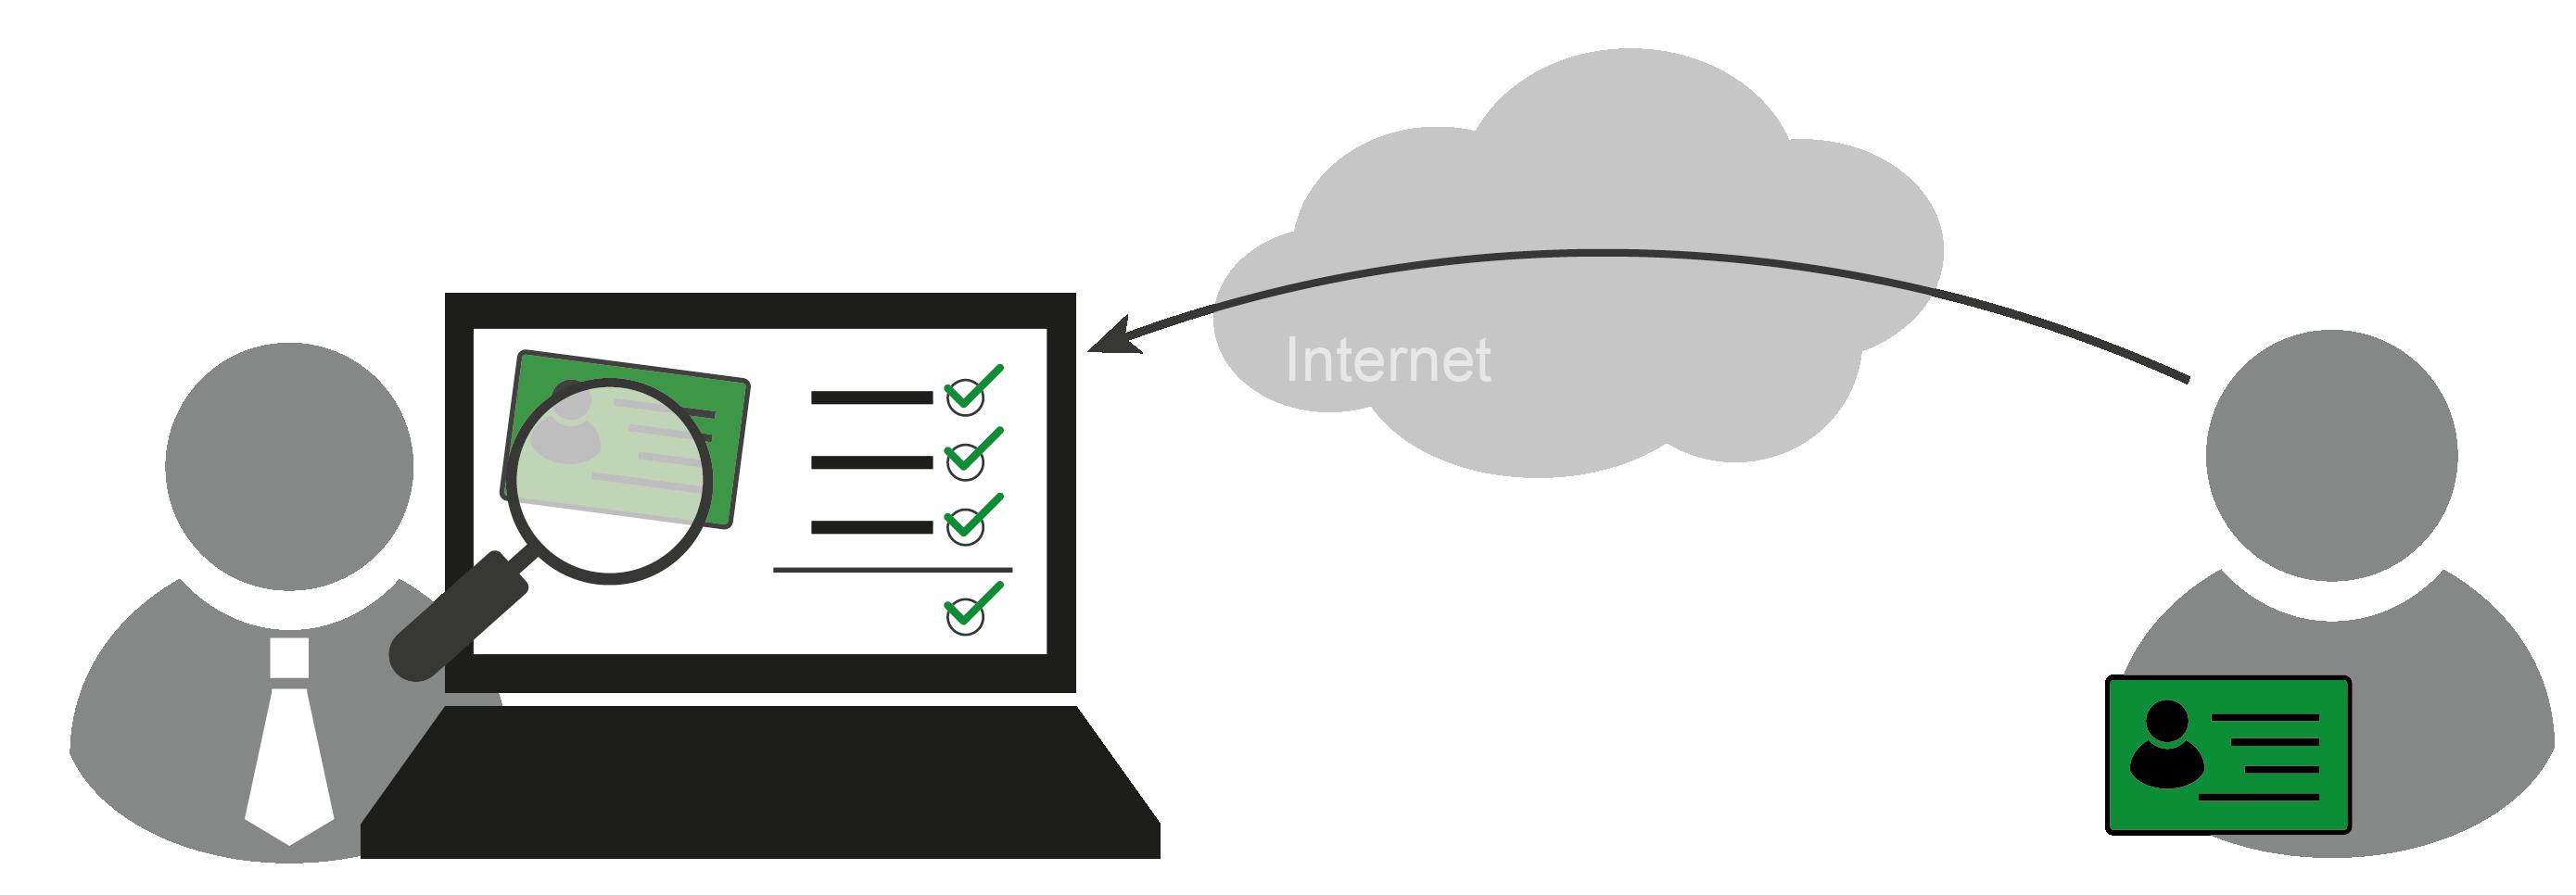 Fernidentifizierung - Glossar Cyber-Sicherheit - Prof. Norbert Pohlmann